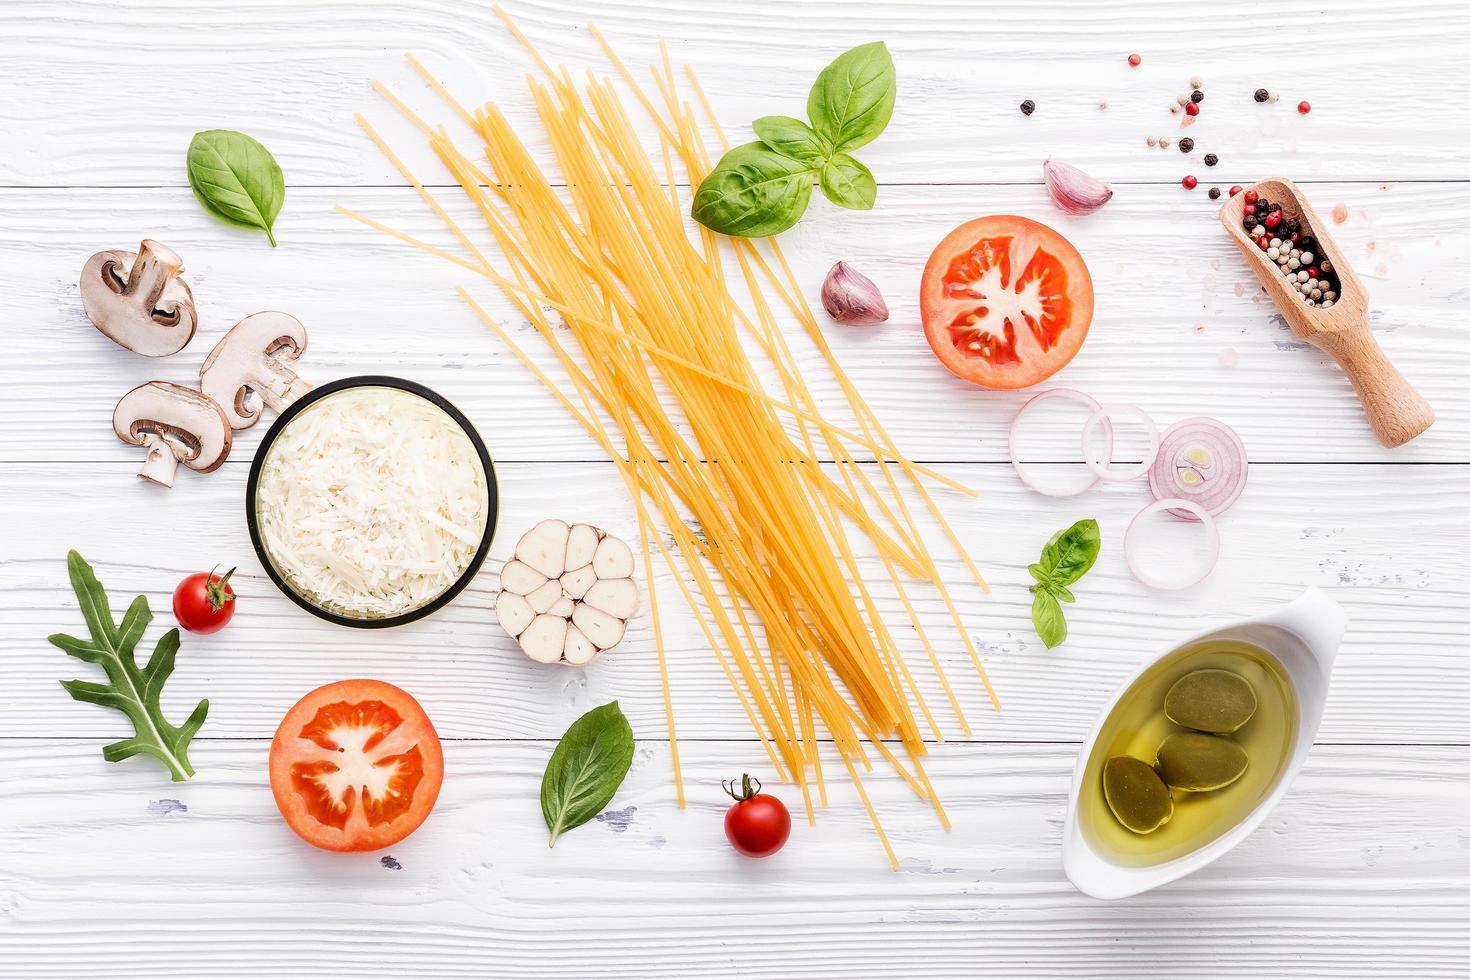 ingrédients de spaghetti frais photo